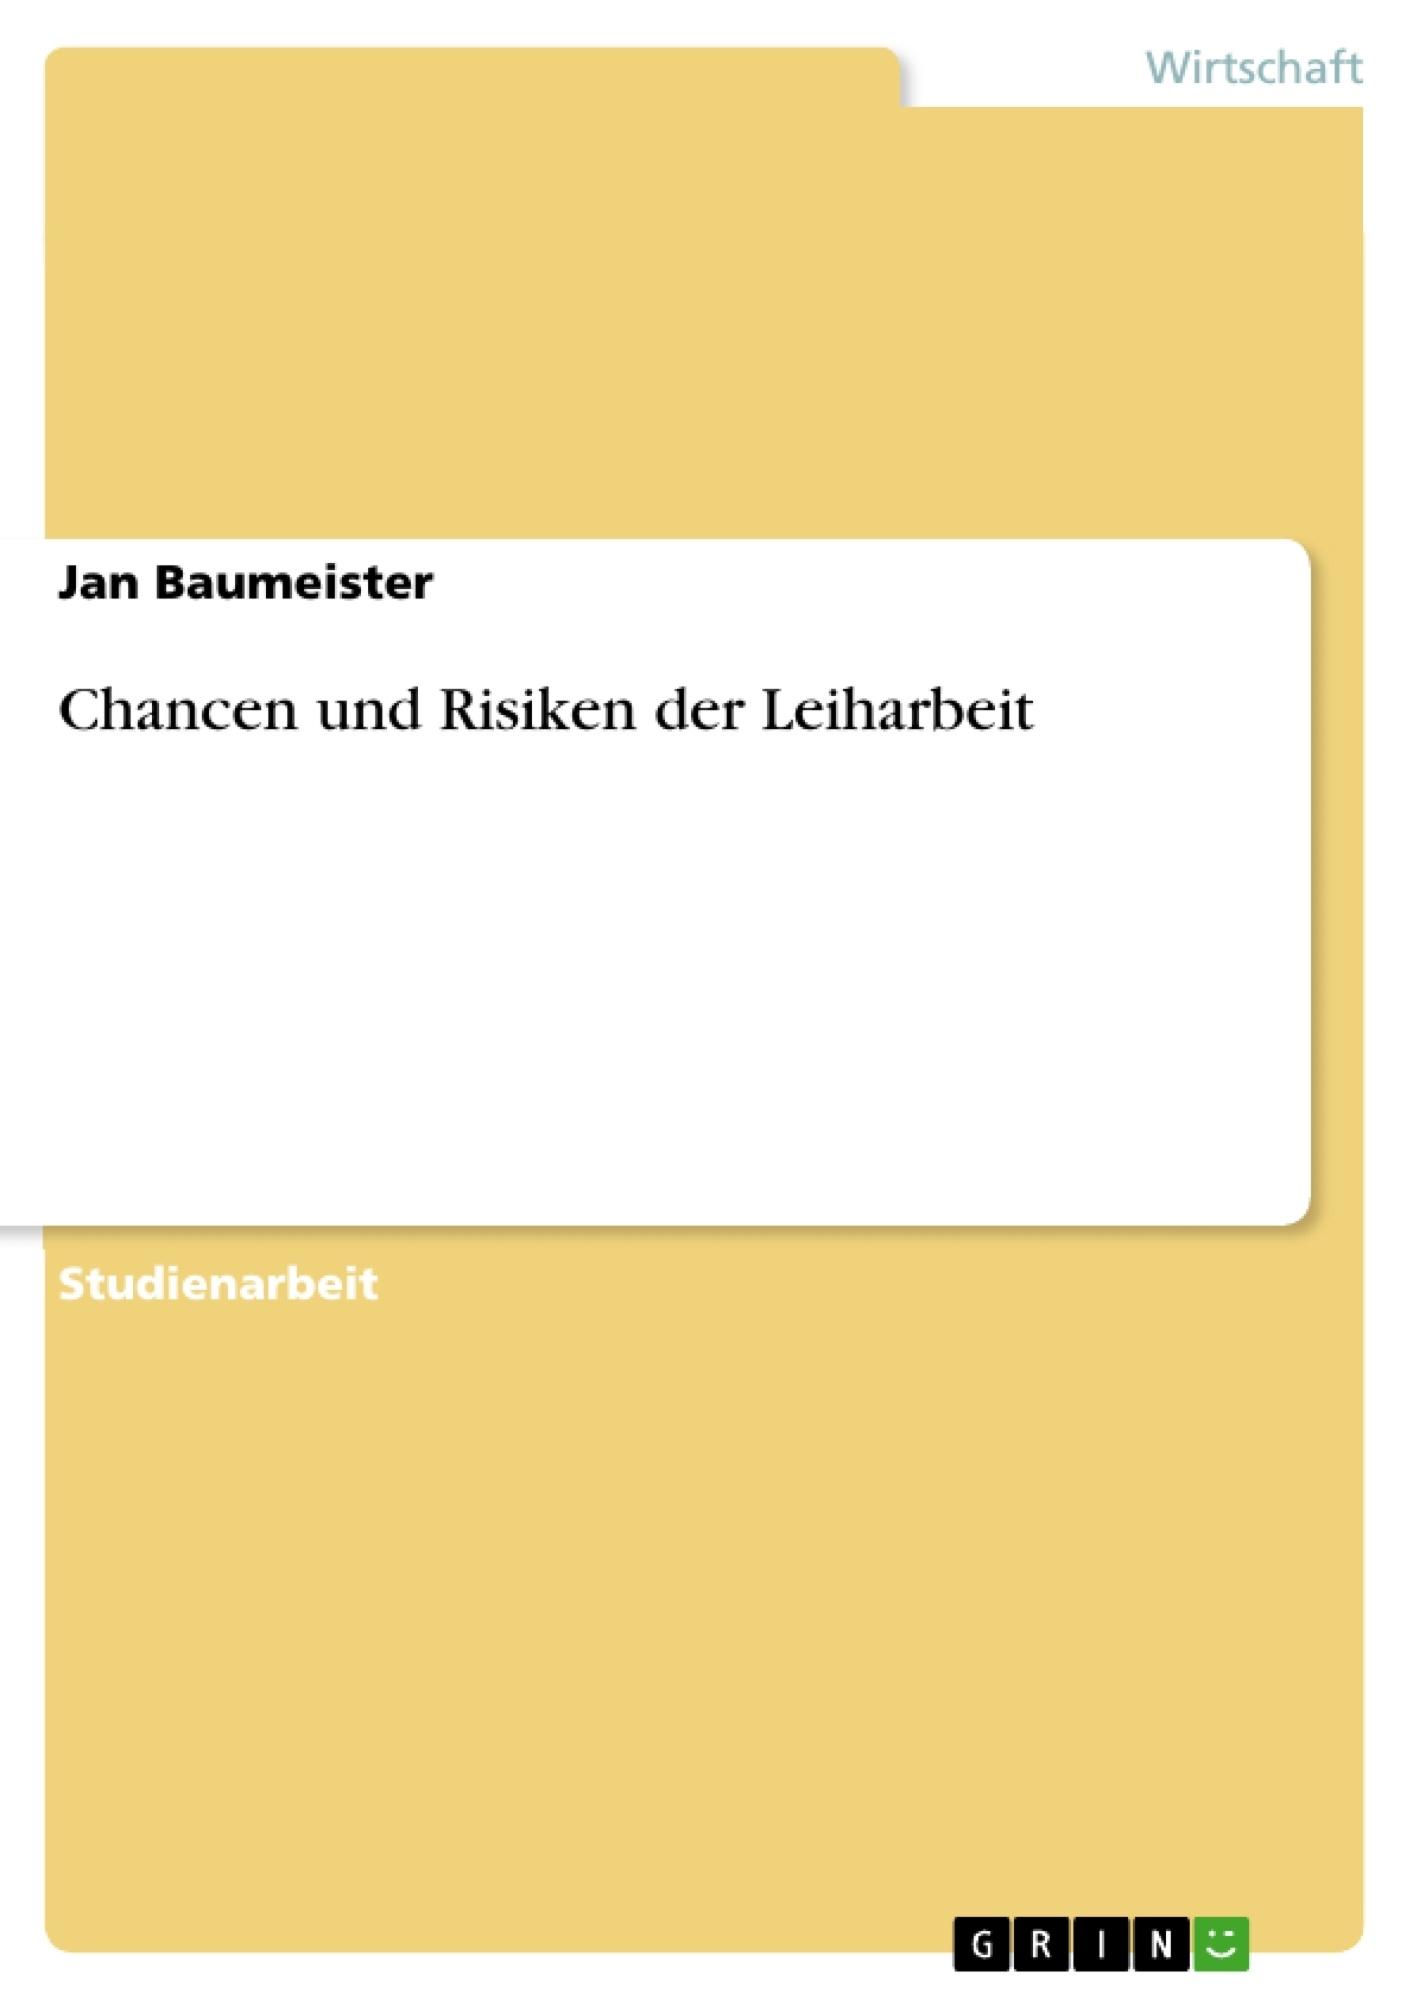 Titel: Chancen und Risiken der Leiharbeit